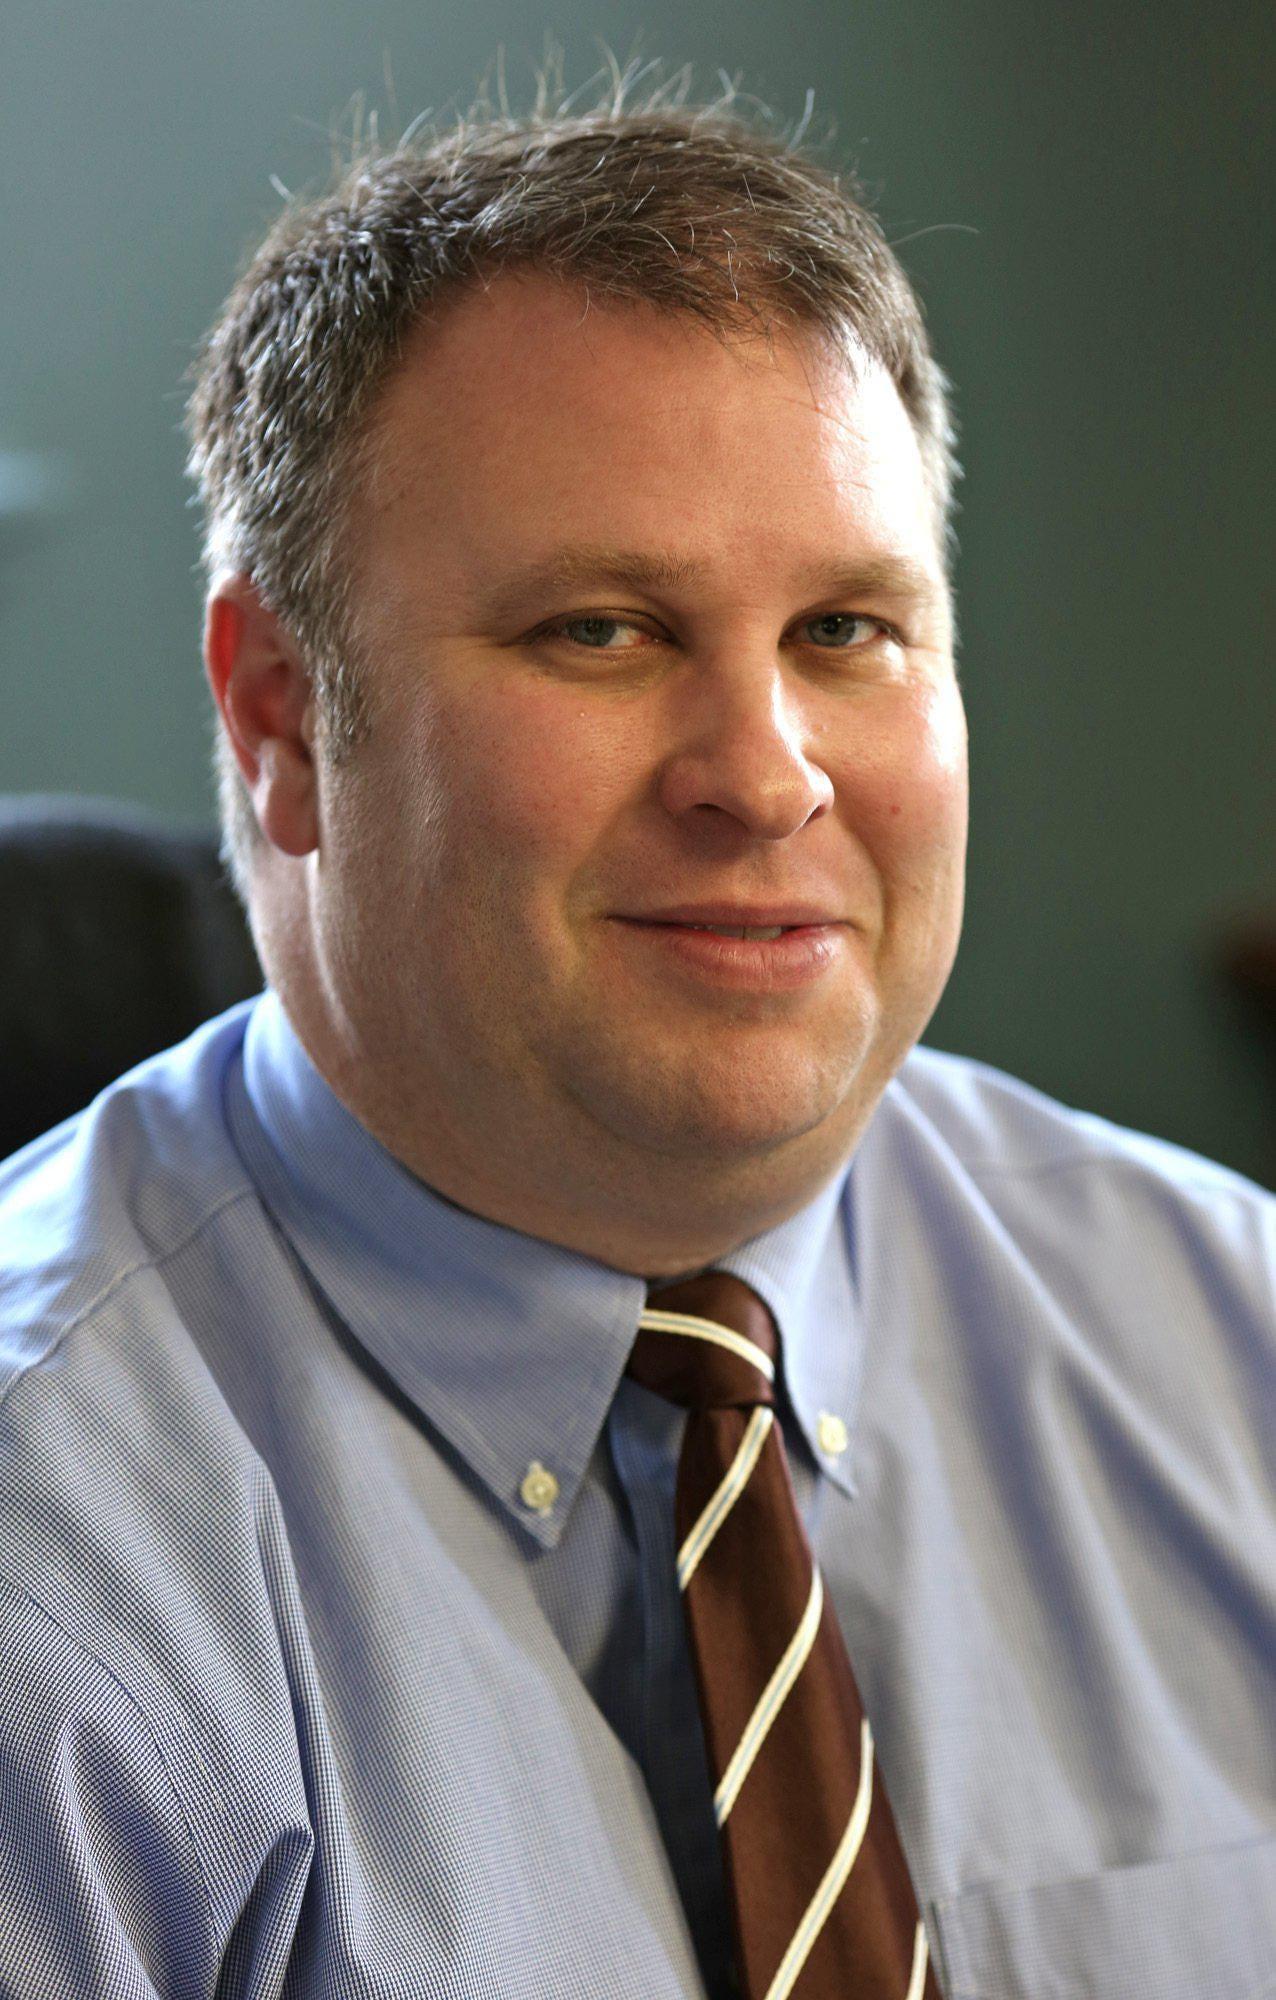 Matt Borges